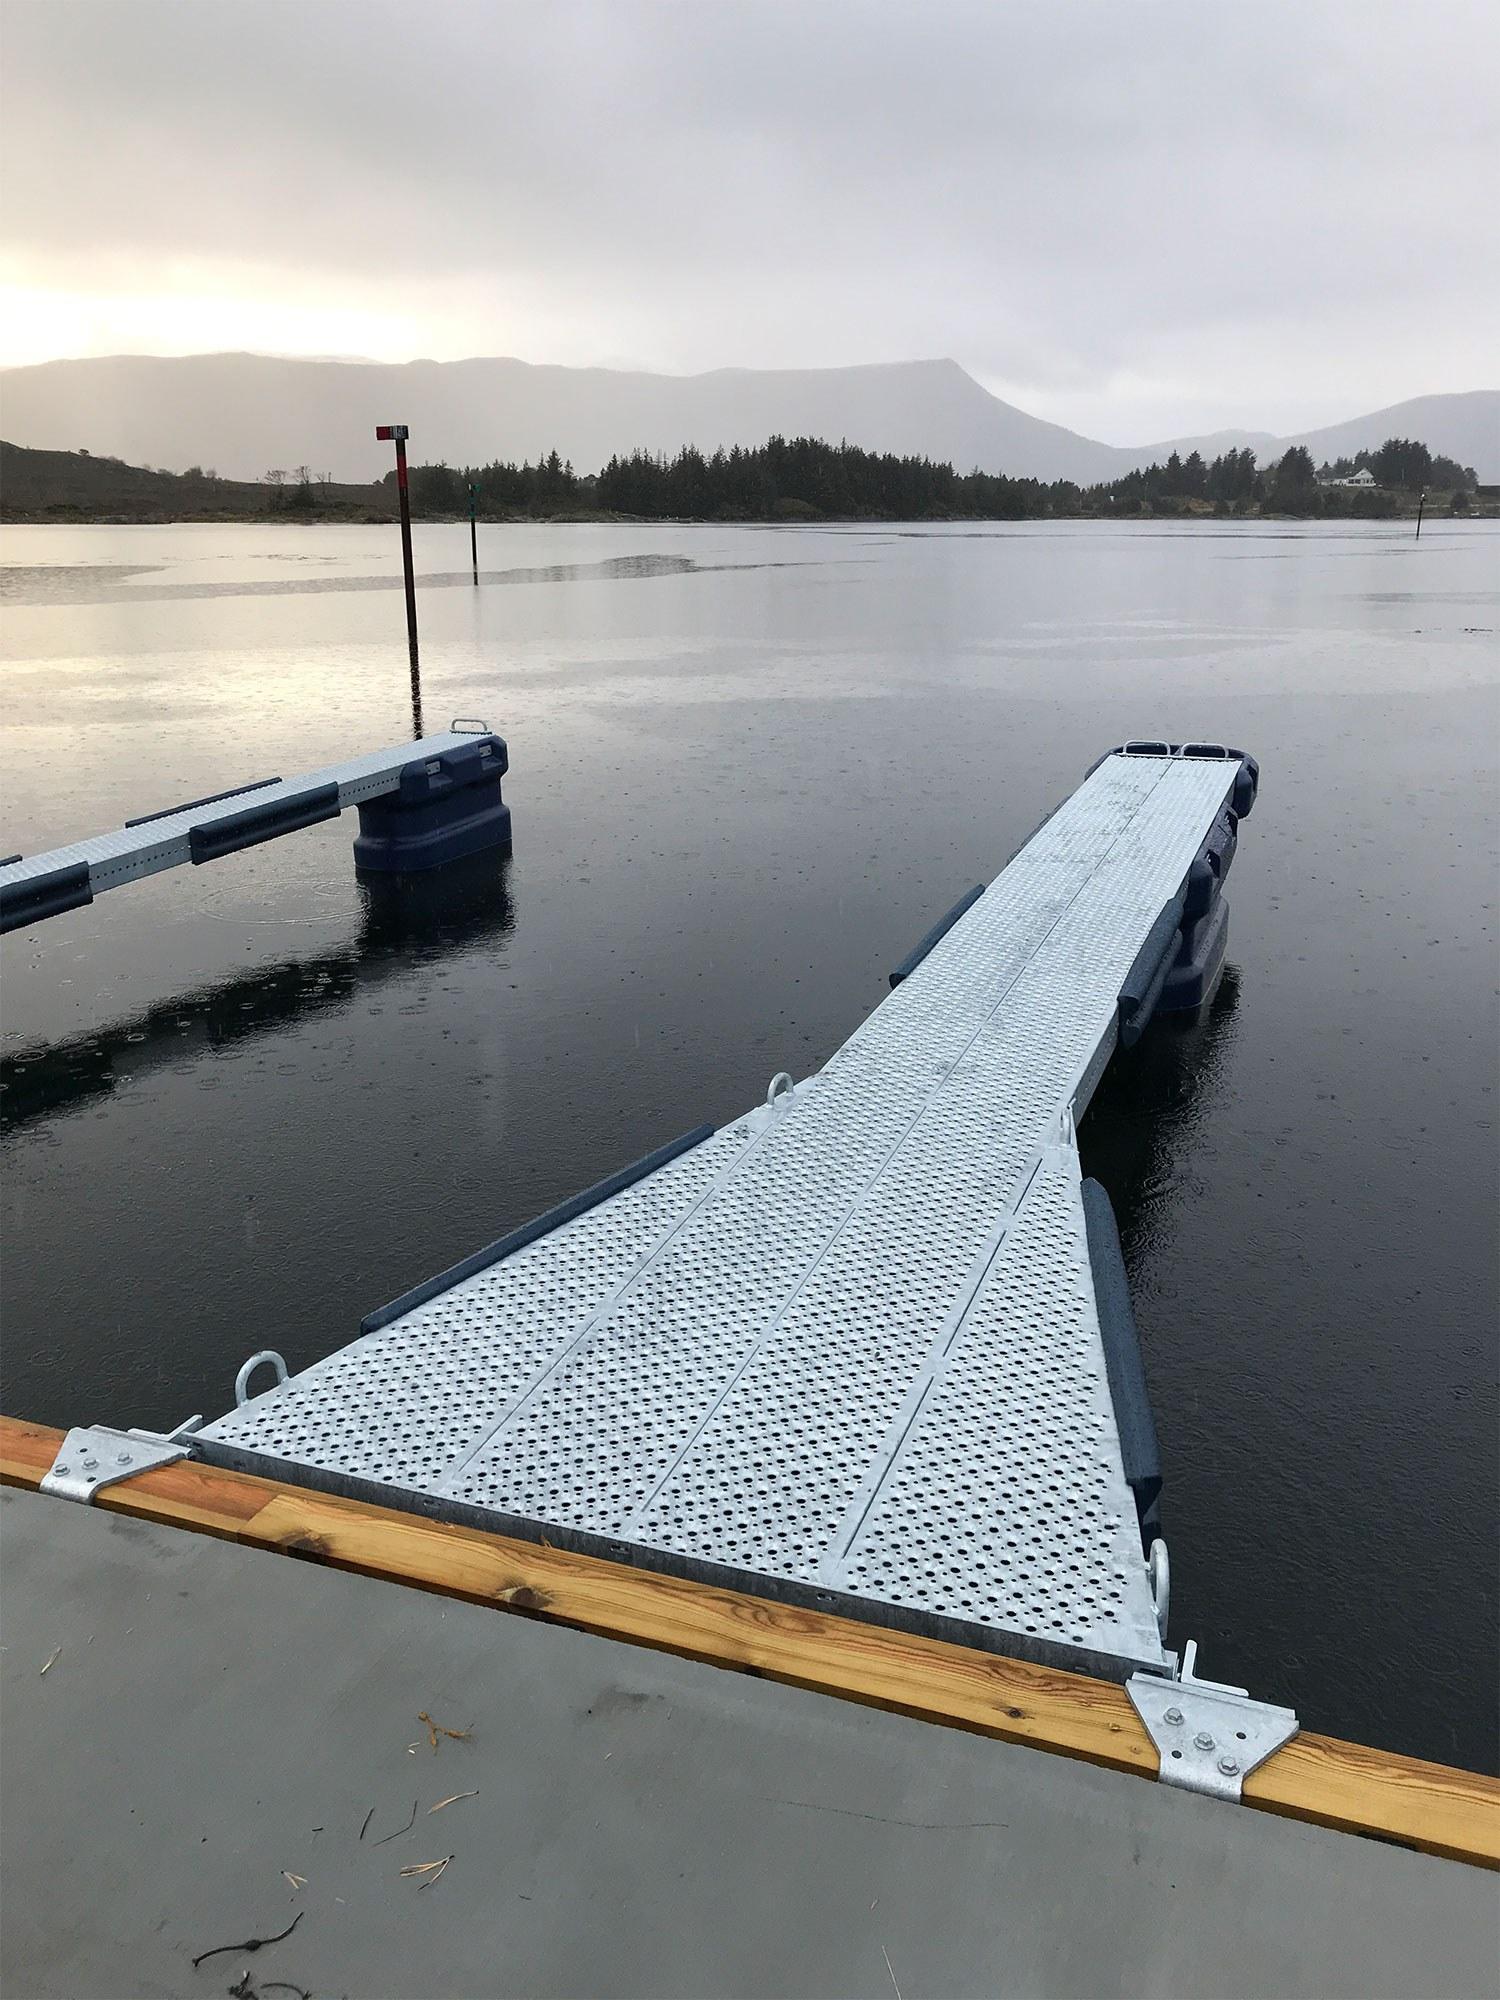 https://www.marinasolutions.no/uploads/6-meter-utrigger-med-sklisikkert-dekke.-Bryggeanlegg-Fosnavaag.jpg